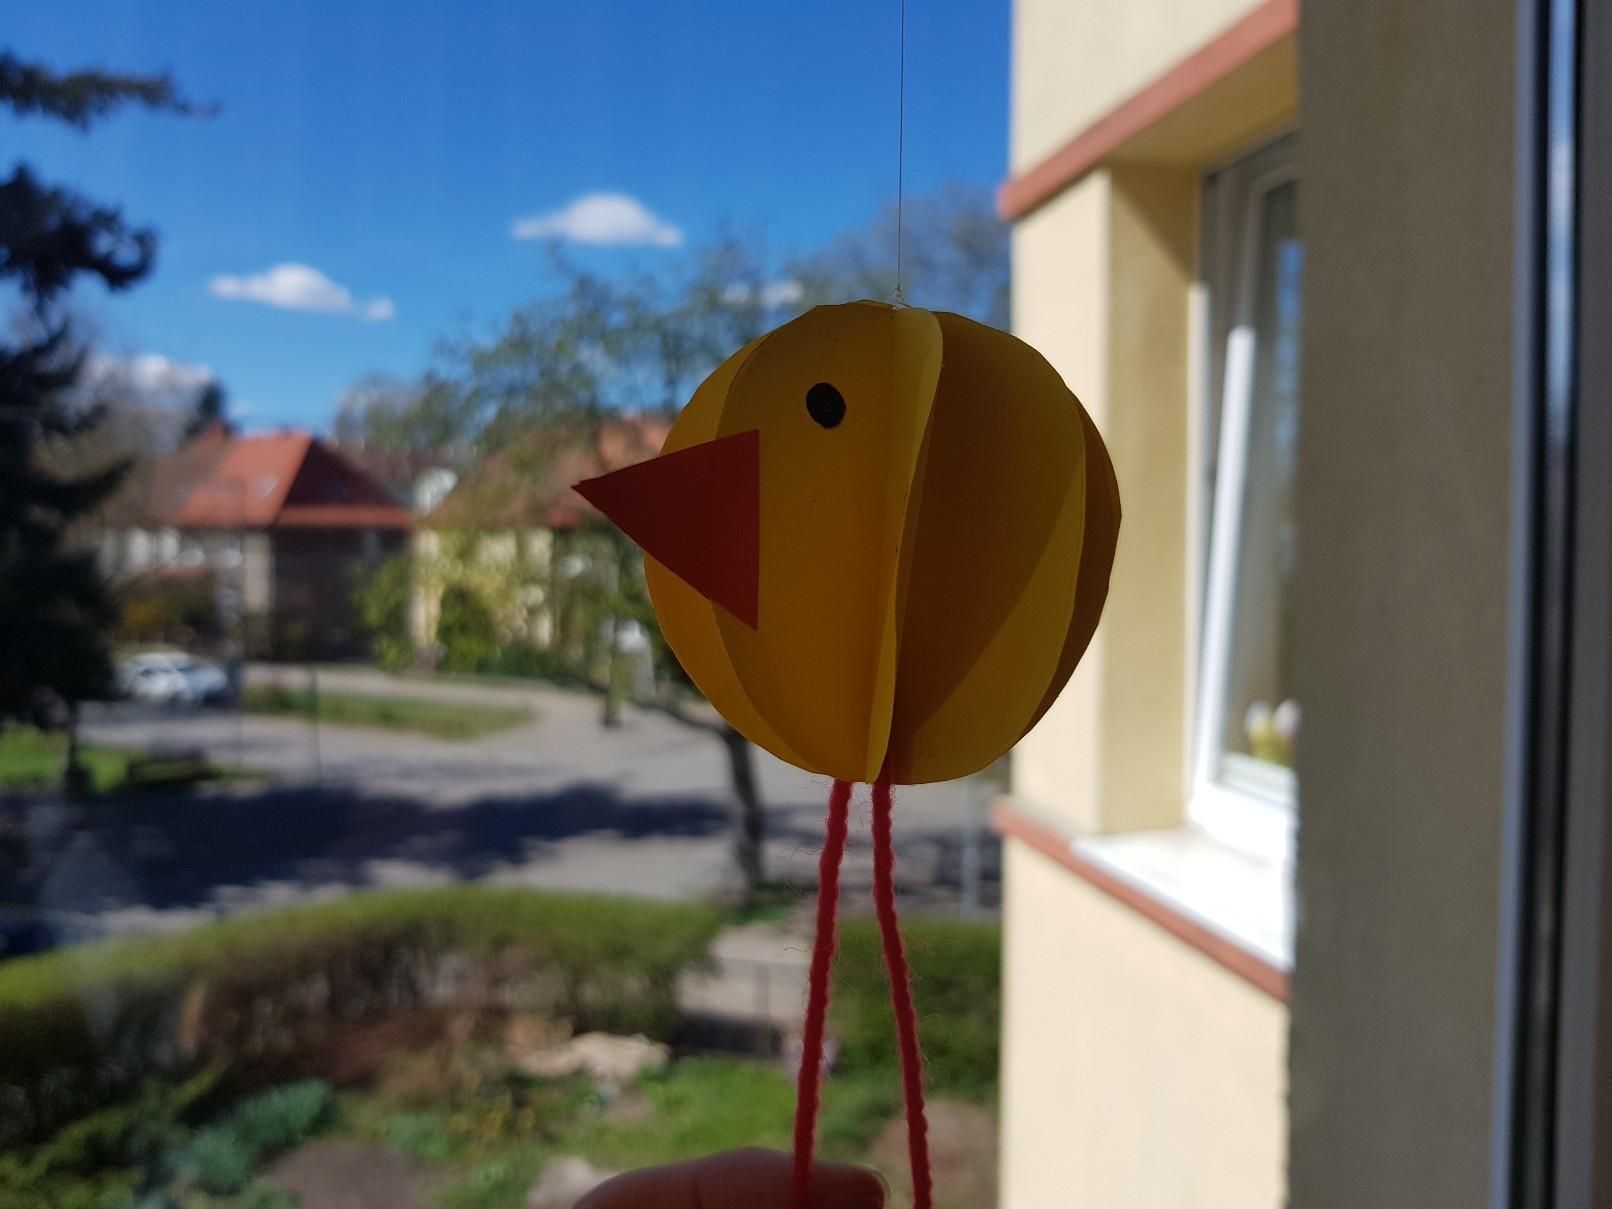 yellow round chicken side on window